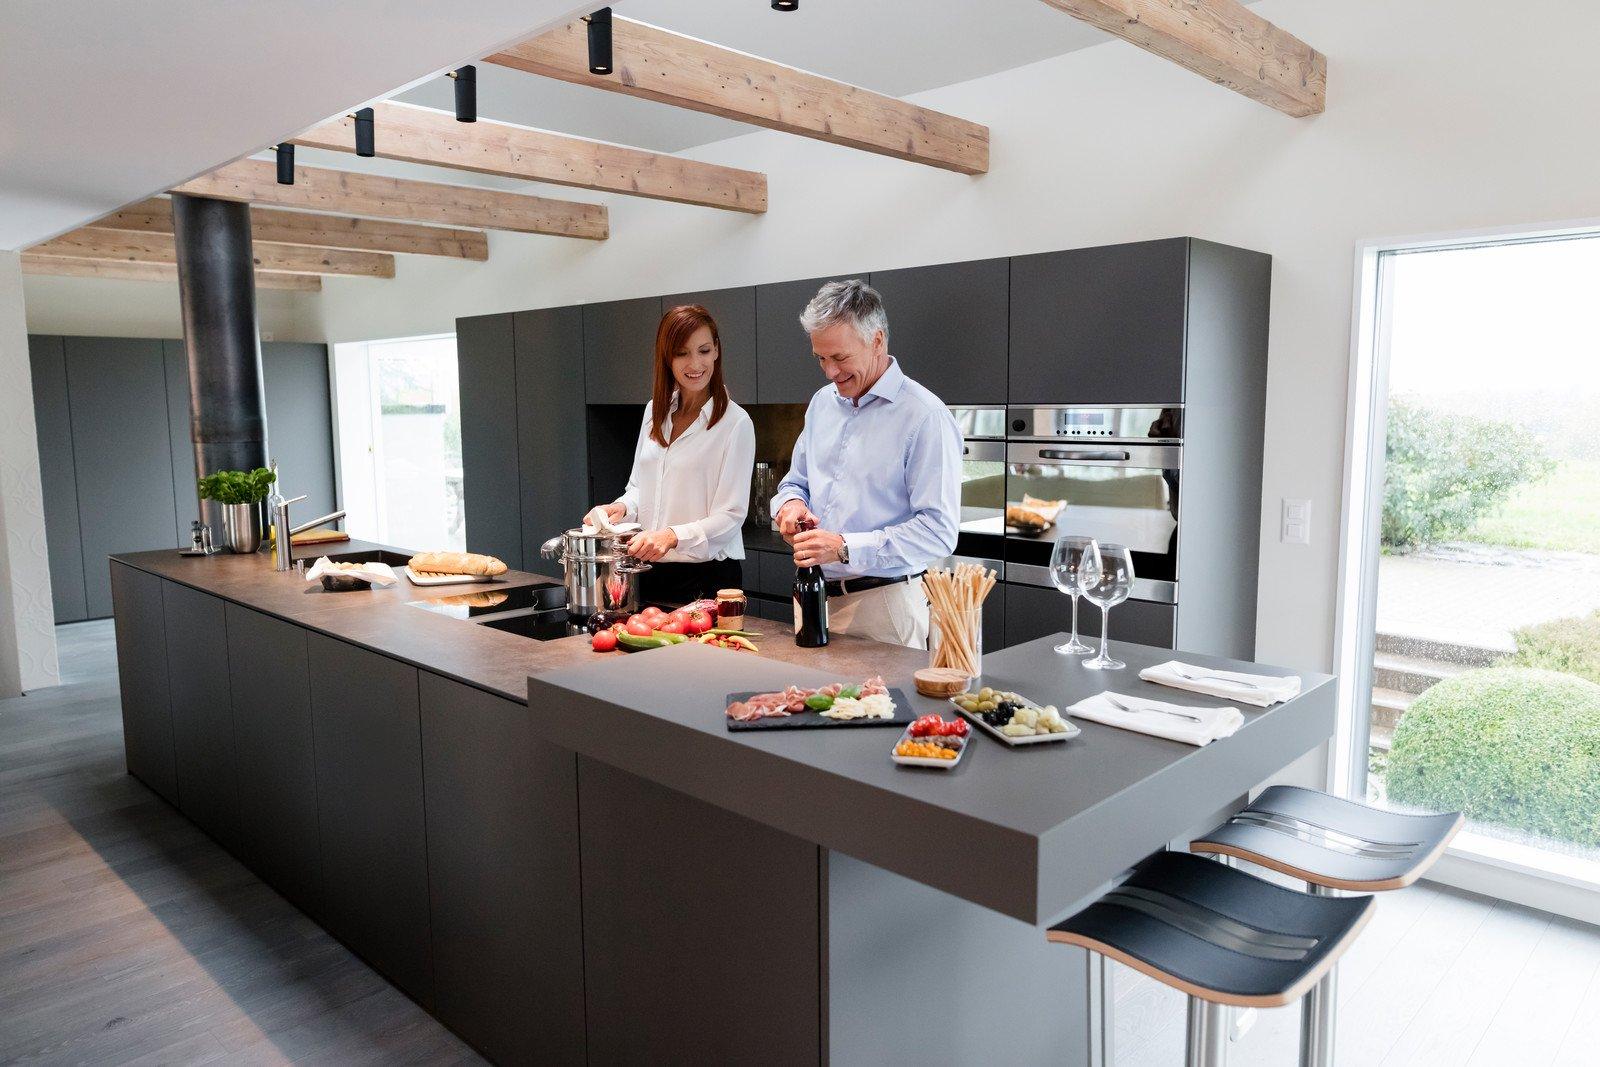 Full Size of Küchenideen Kchenidee Eleganz Modern Interpretiert Wohnzimmer Küchenideen